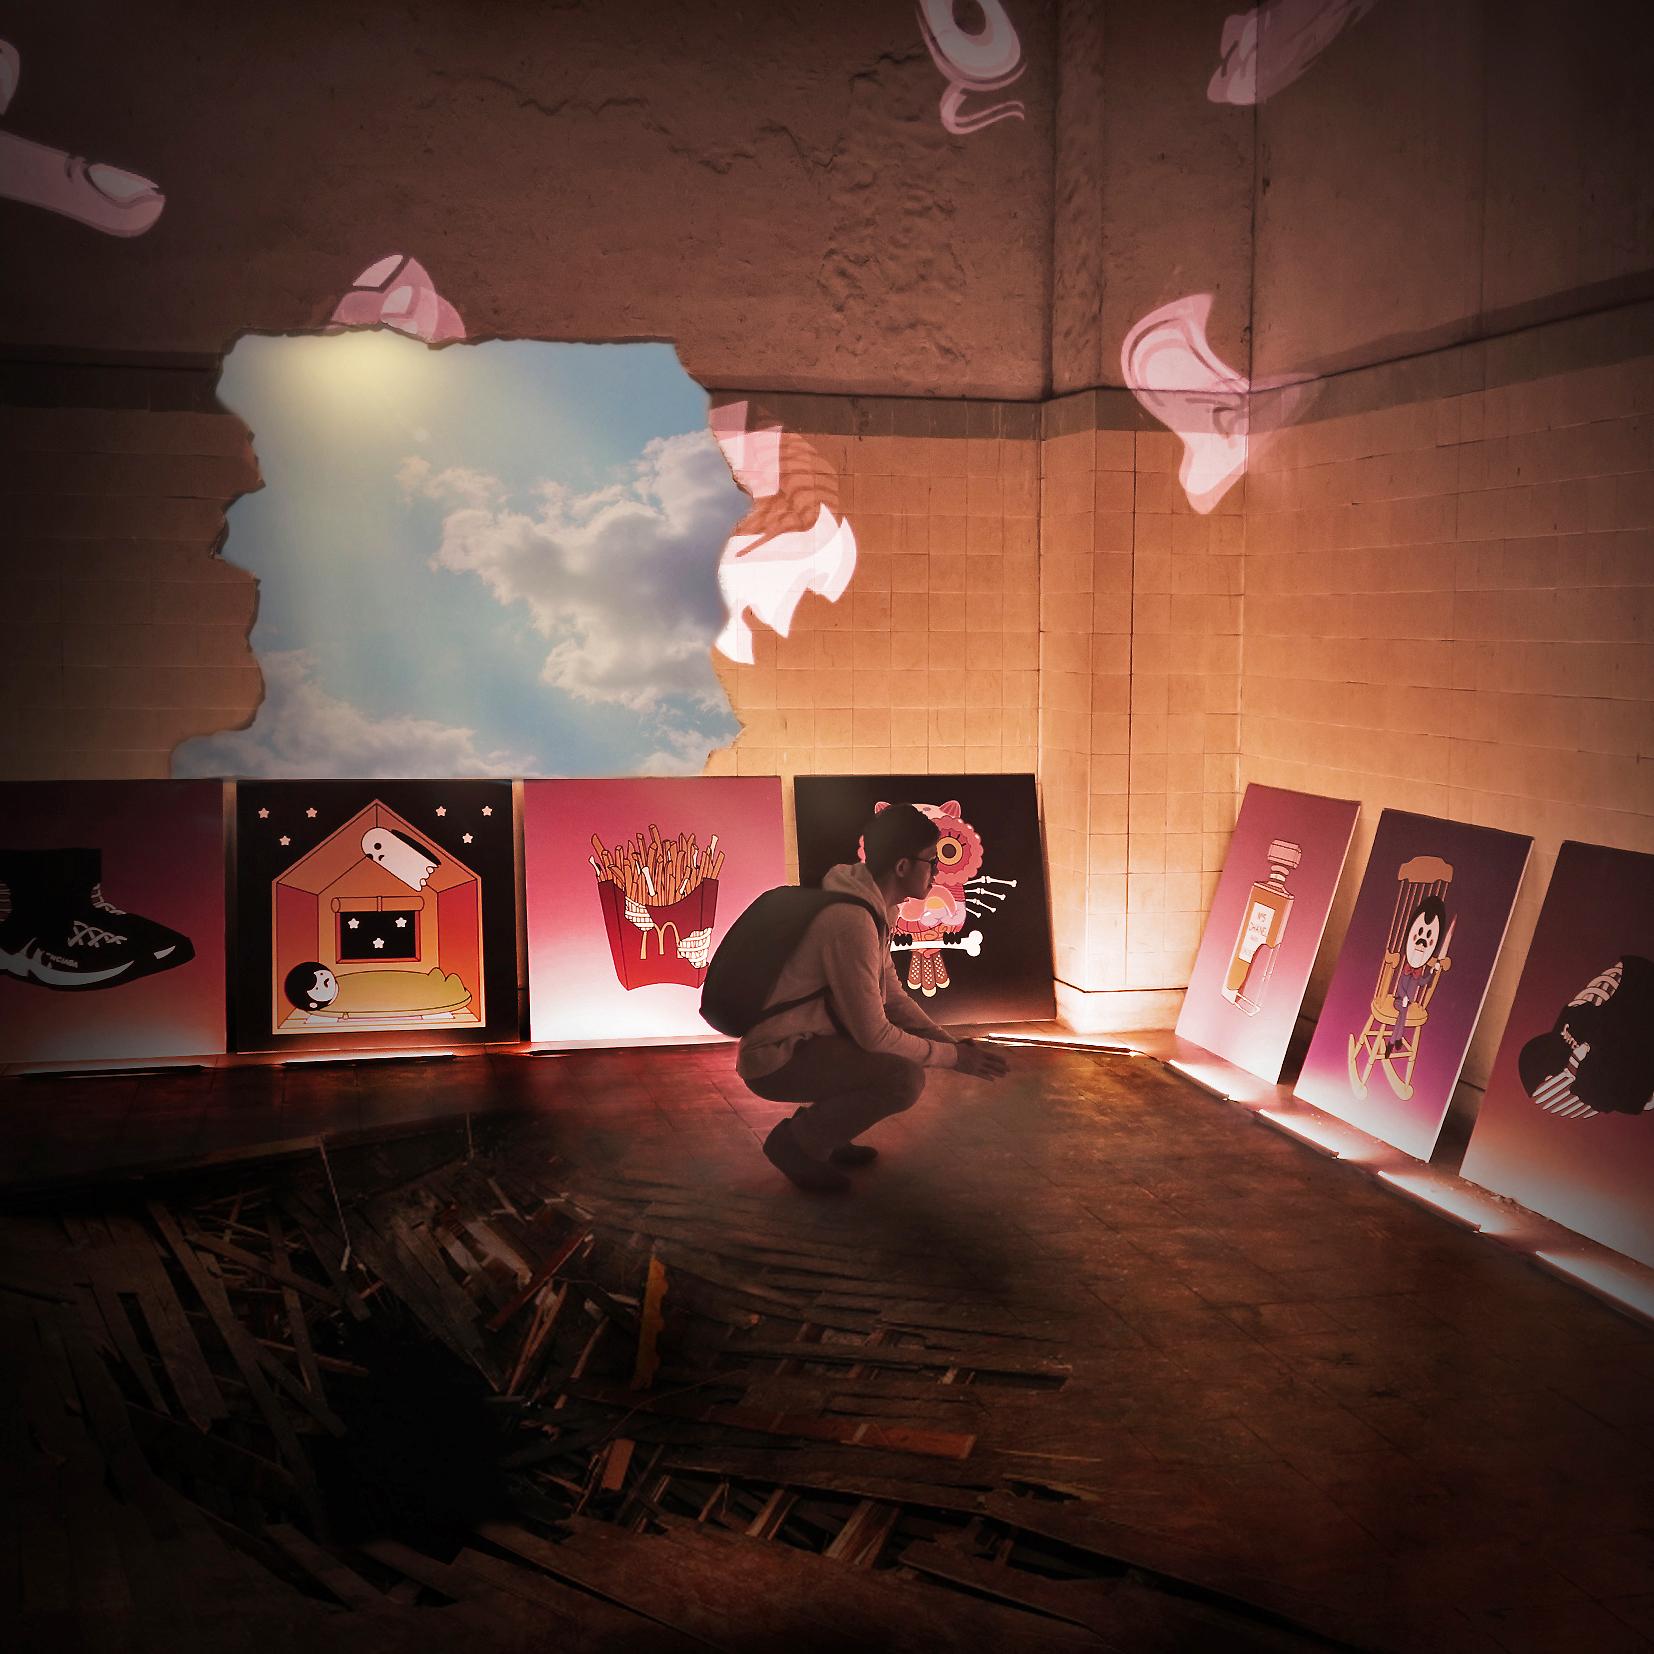 Jig Saw Digital Art by Alvin Sim